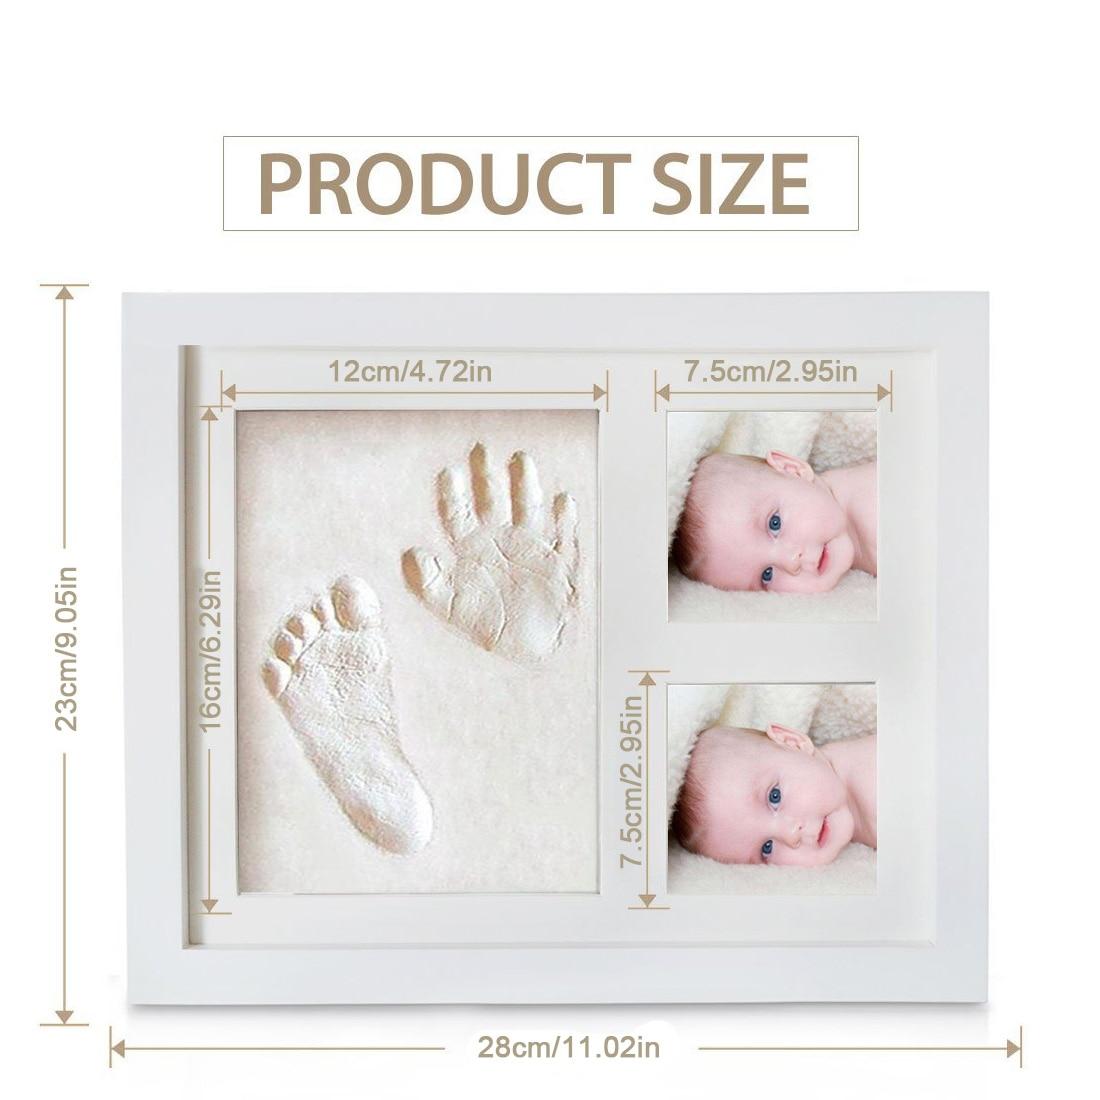 Милые Детские Фоторамки DIY 3D отпечаток руки или след сувенир безопасный подушечка Нетоксично церемонии подарок для ребенка